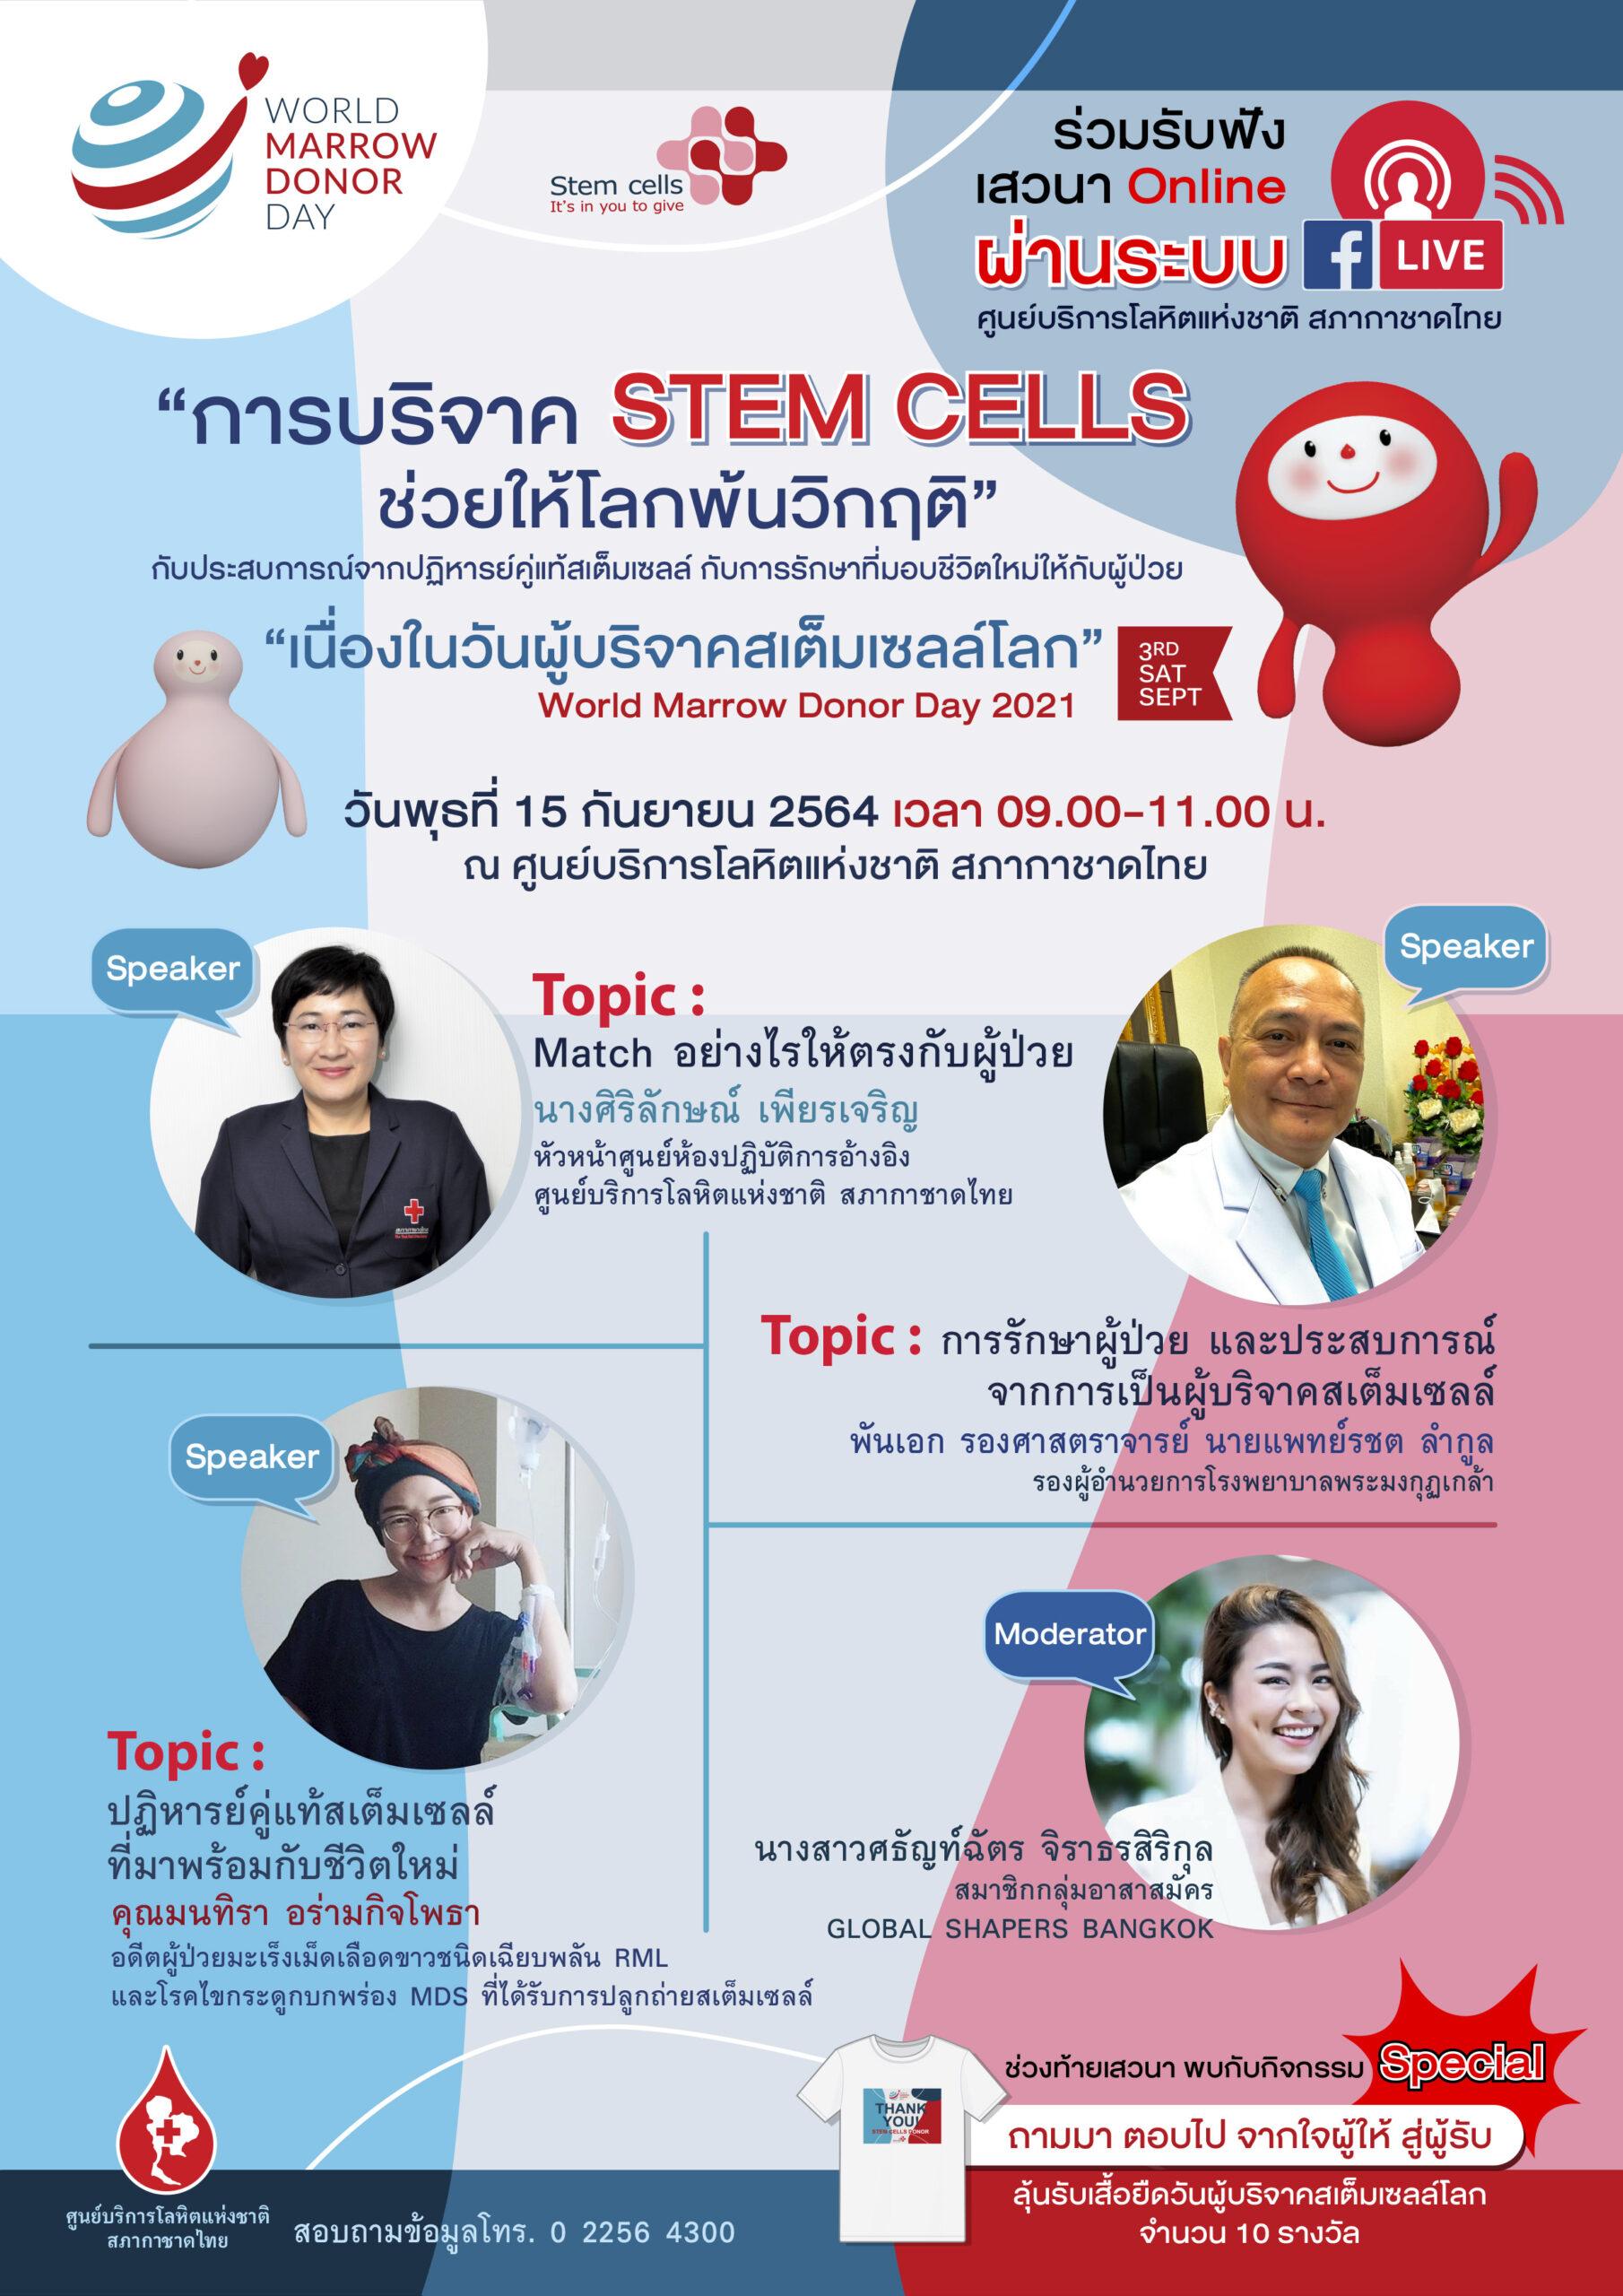 """เสวนาออนไลน์ """"การบริจาคสเต็มเซลล์ ช่วยให้โลกพ้นวิกฤติ"""""""